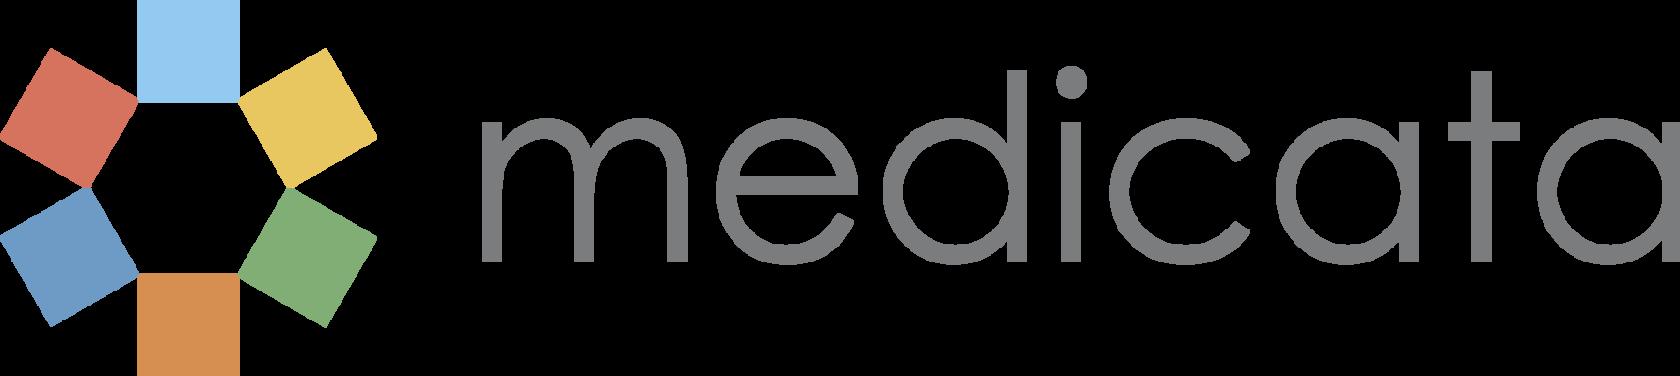 Medicata